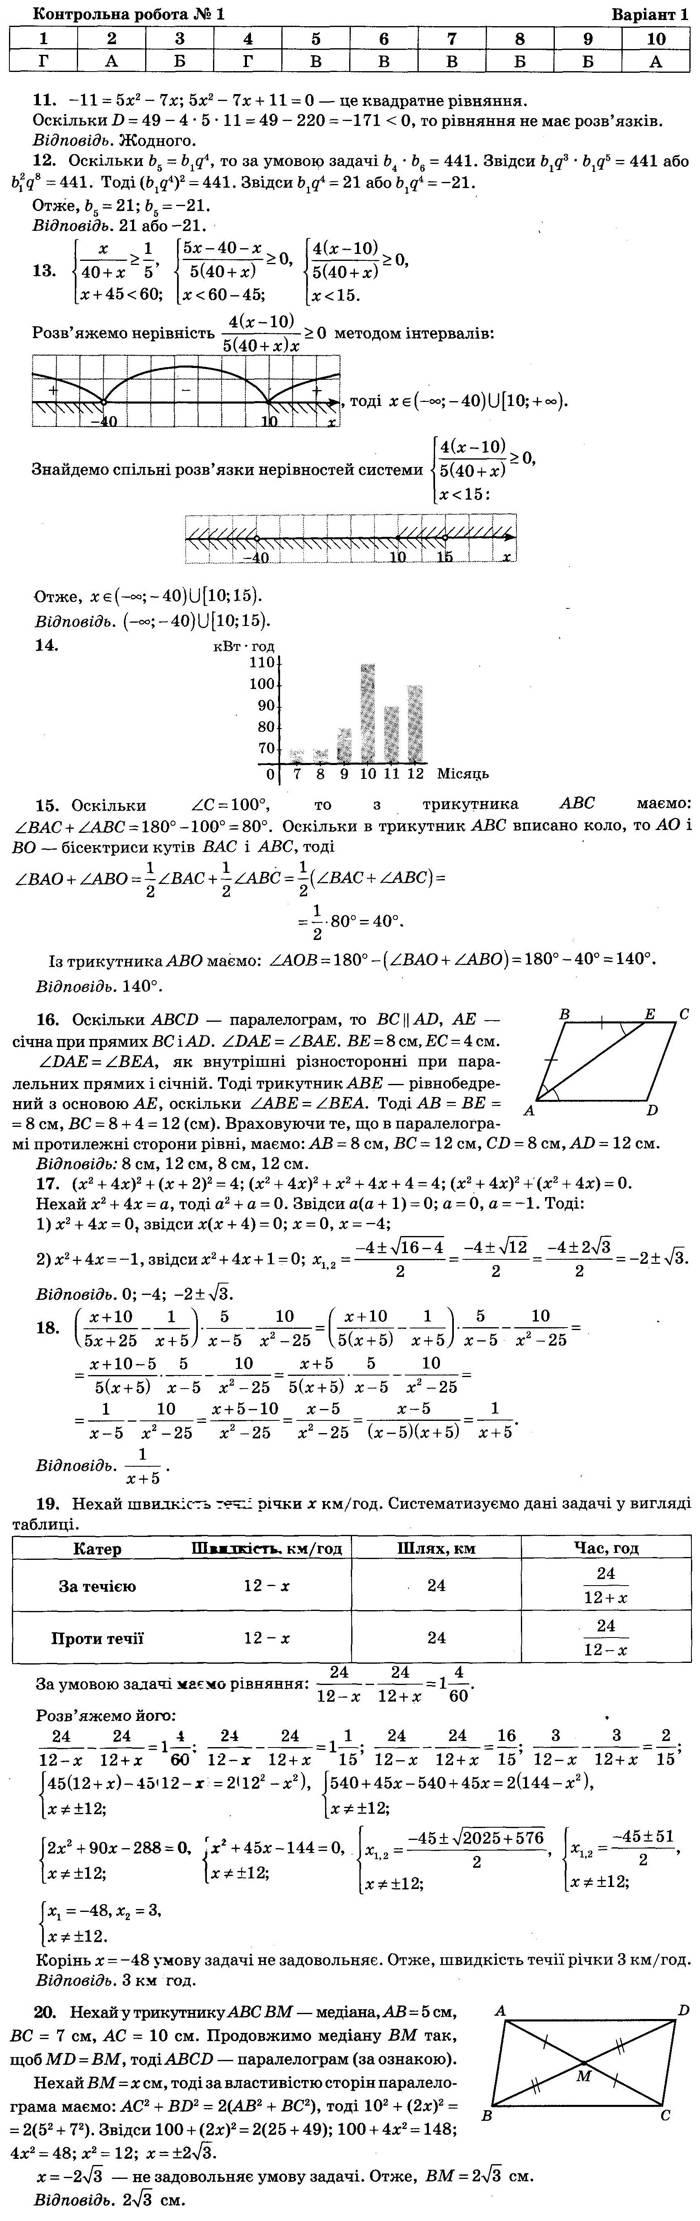 Відповіді до контрольної роботи 1 варіант 1 посібника ДПА-2018 9 клас Математика Бевз Збірник завдань